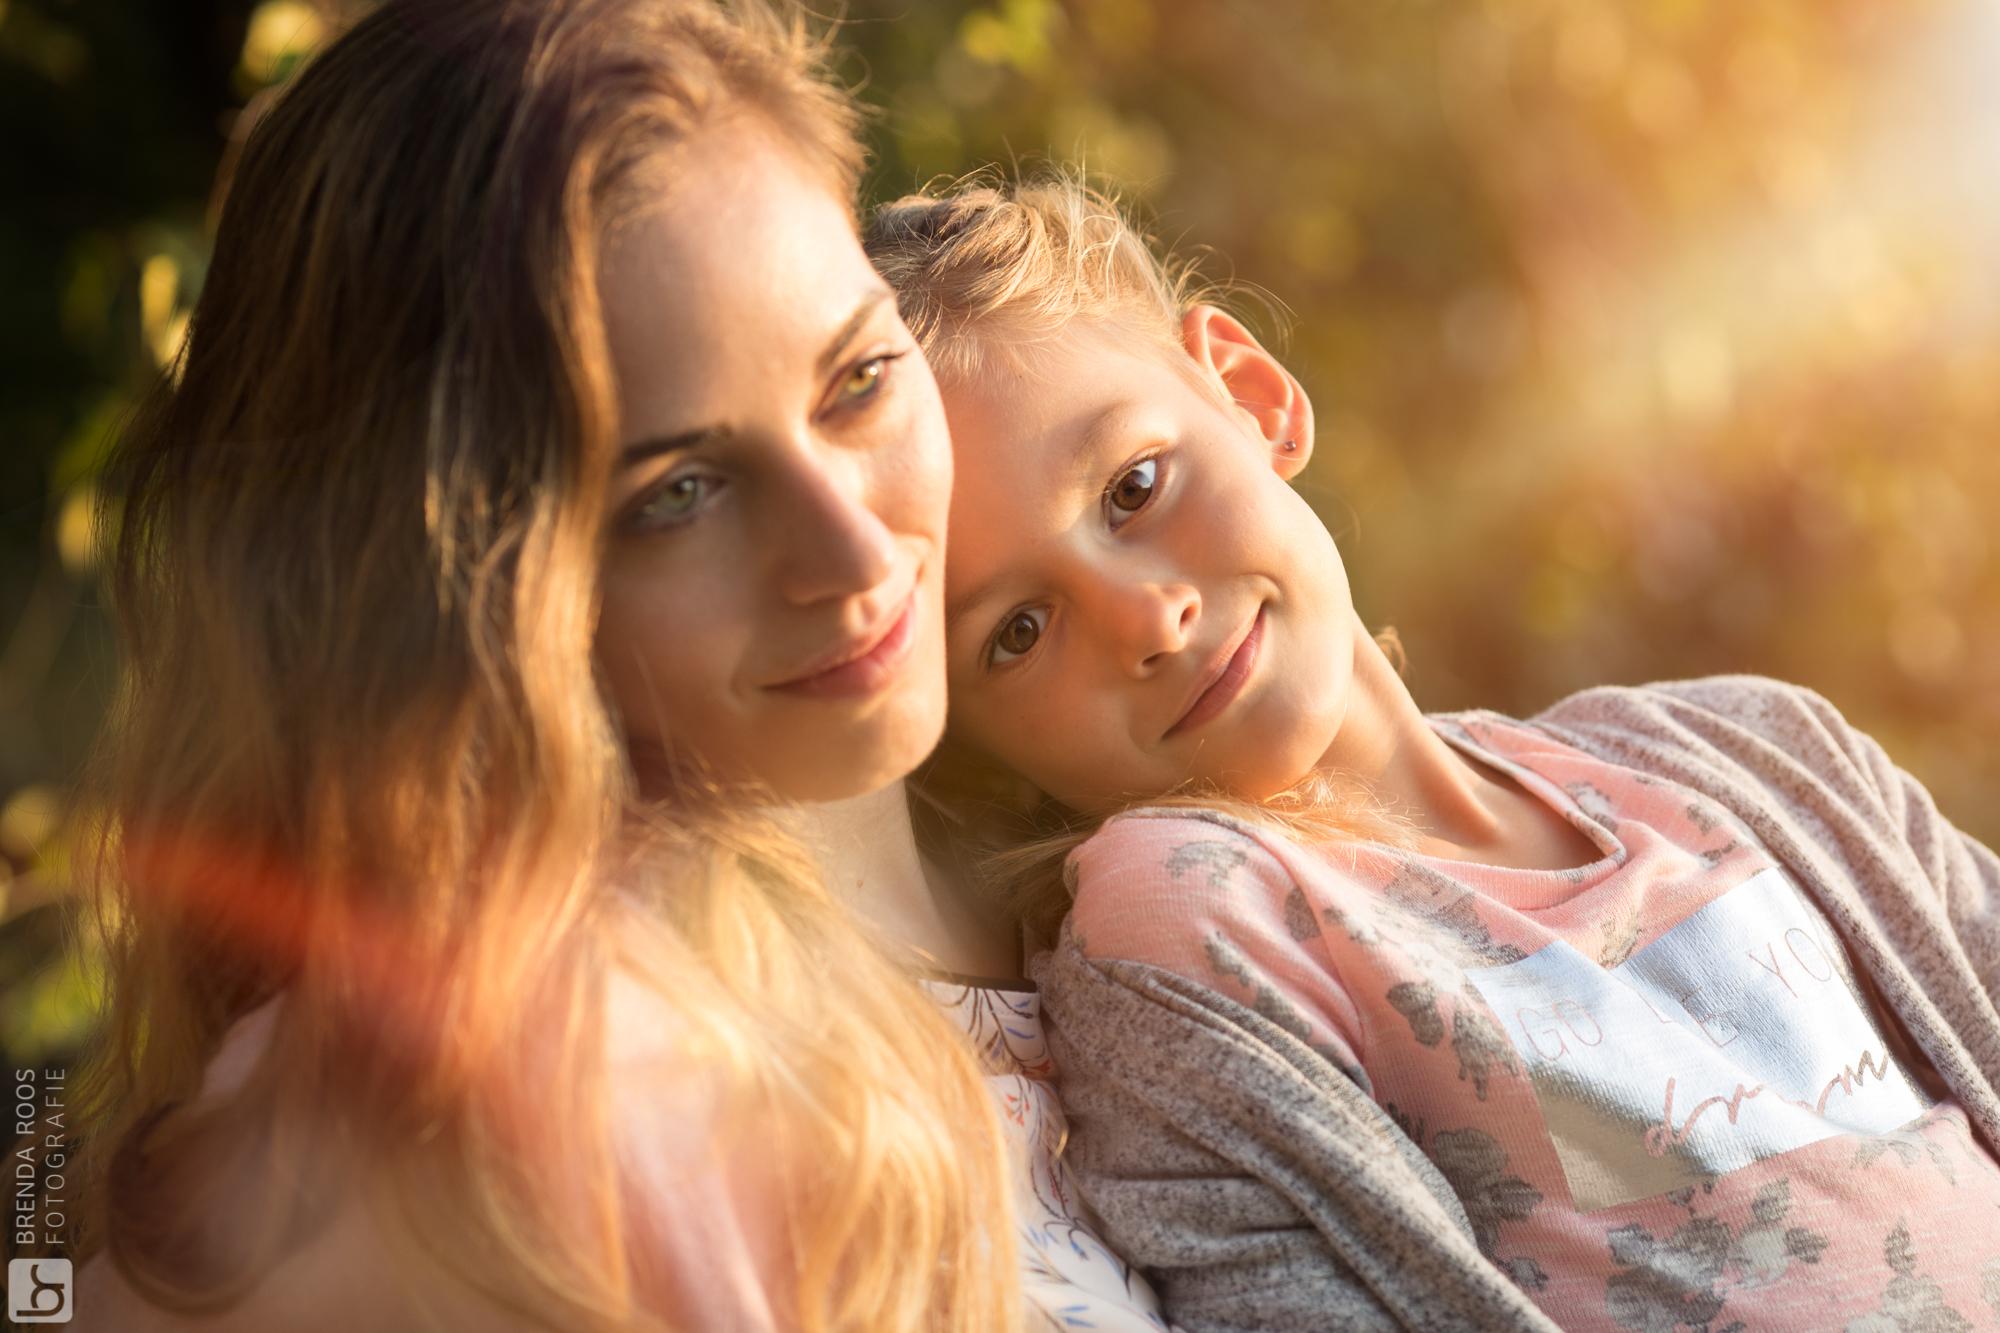 Familie fotograaf | Fotograaf Lelystad & Veluwe | Familie | Fotoshoot